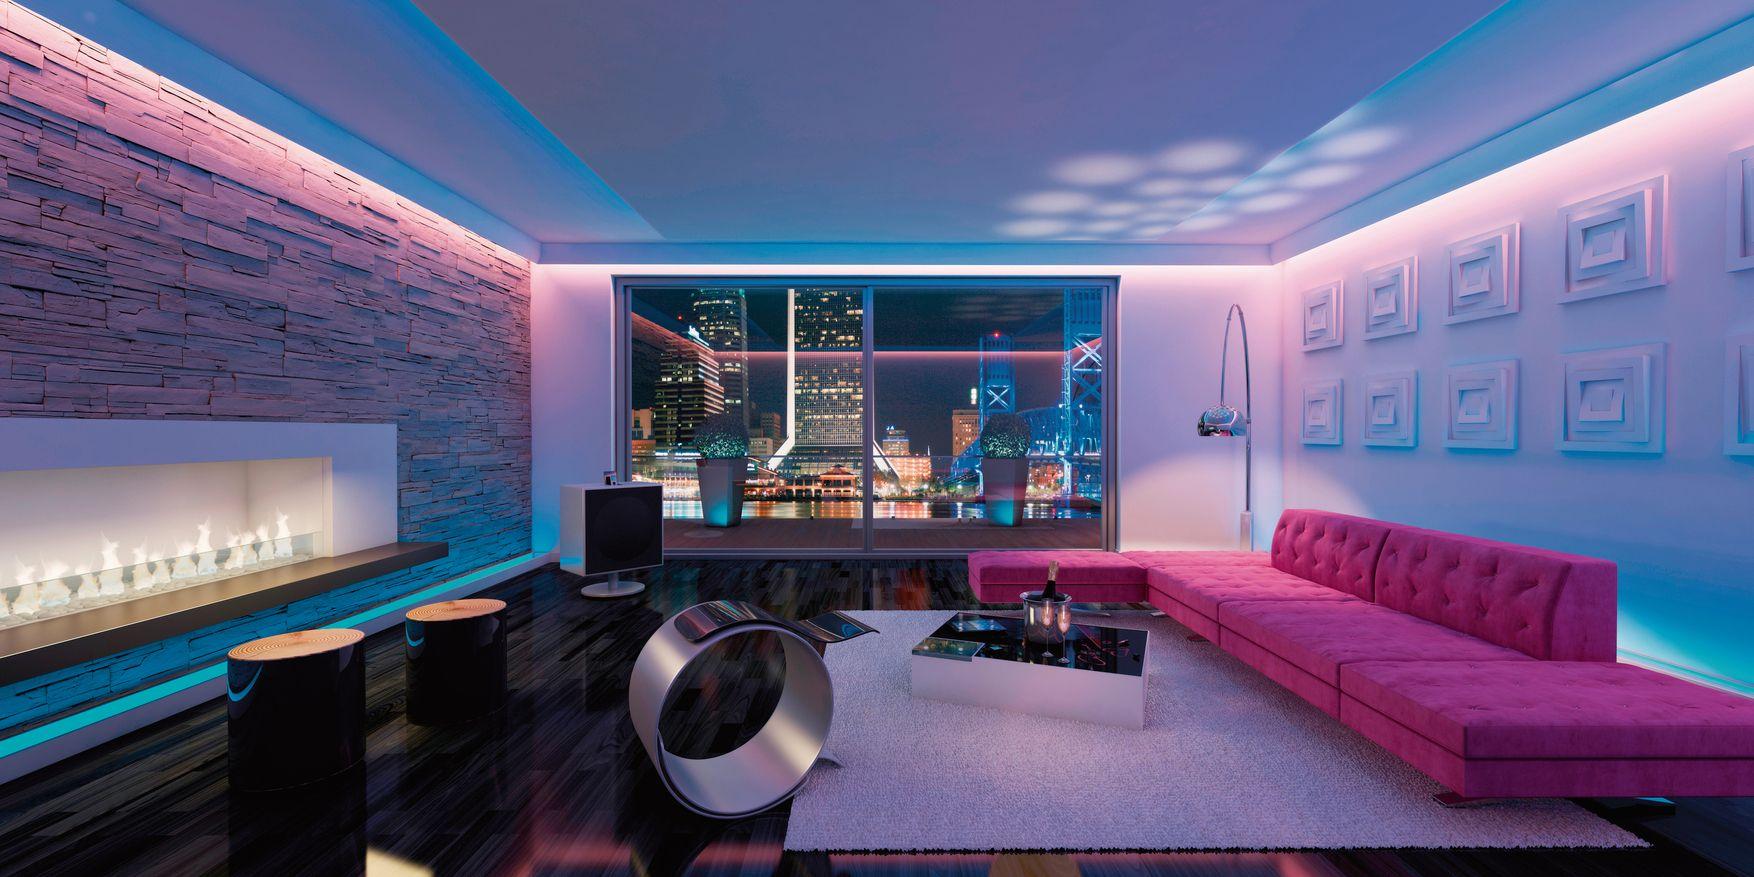 living room led lighting design. room modern living design with u0027lighting led lighting